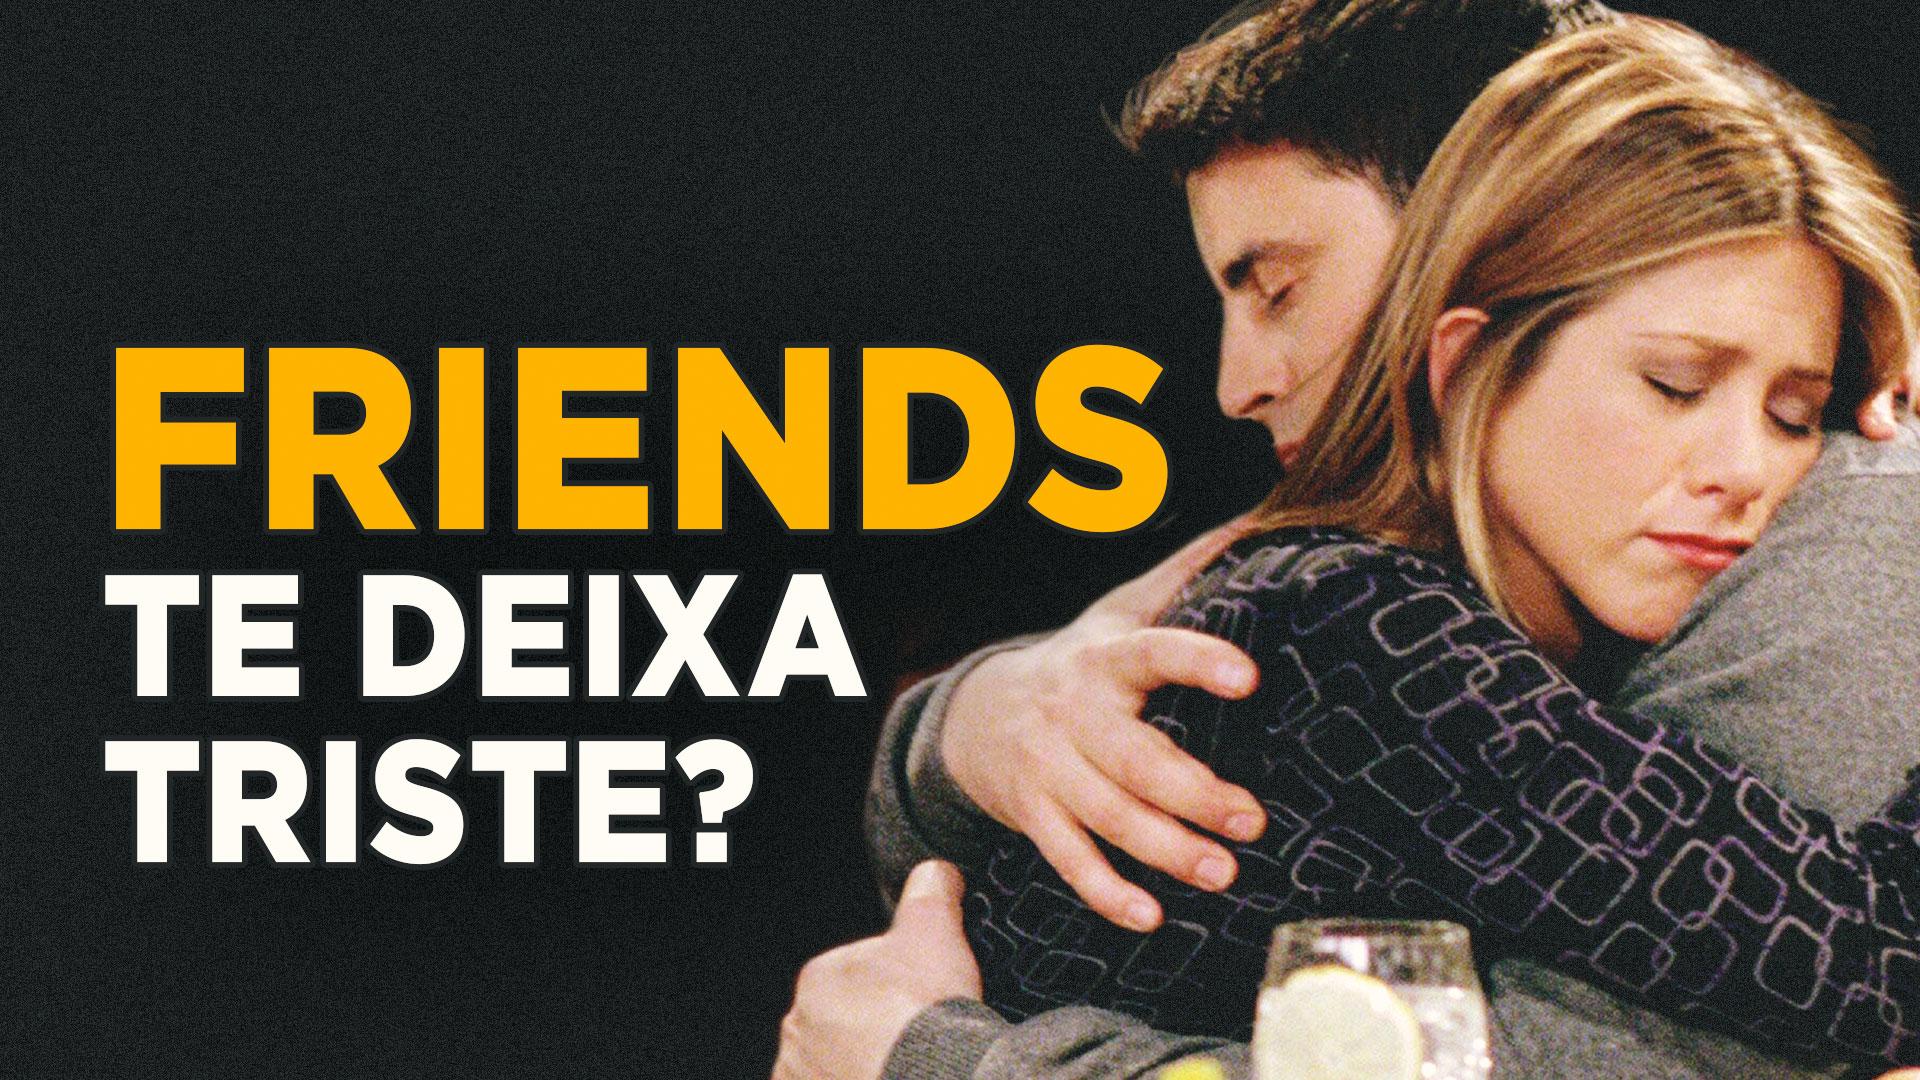 Friends te deixa triste?